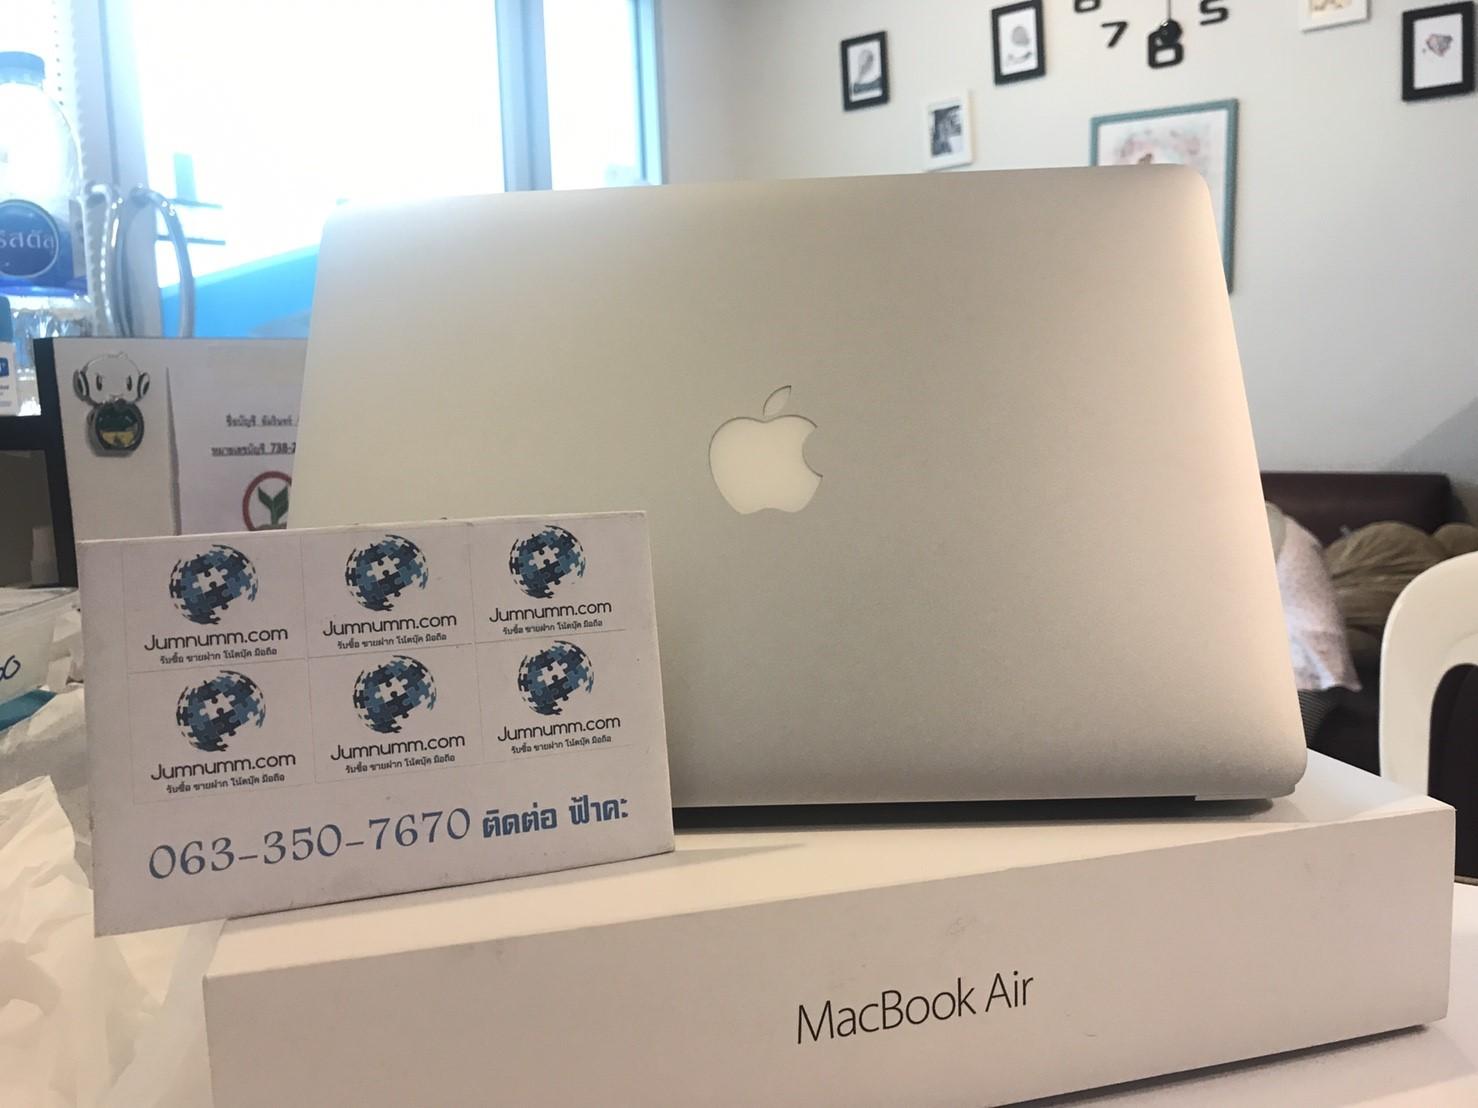 ขาย MacBook Air 13-inch Early 2014 i5 1.4GHz RAM 4GB SSD 128GB สภาพสวย อุปกรณ์ครบกล่อง ขาย 23,900 บาท